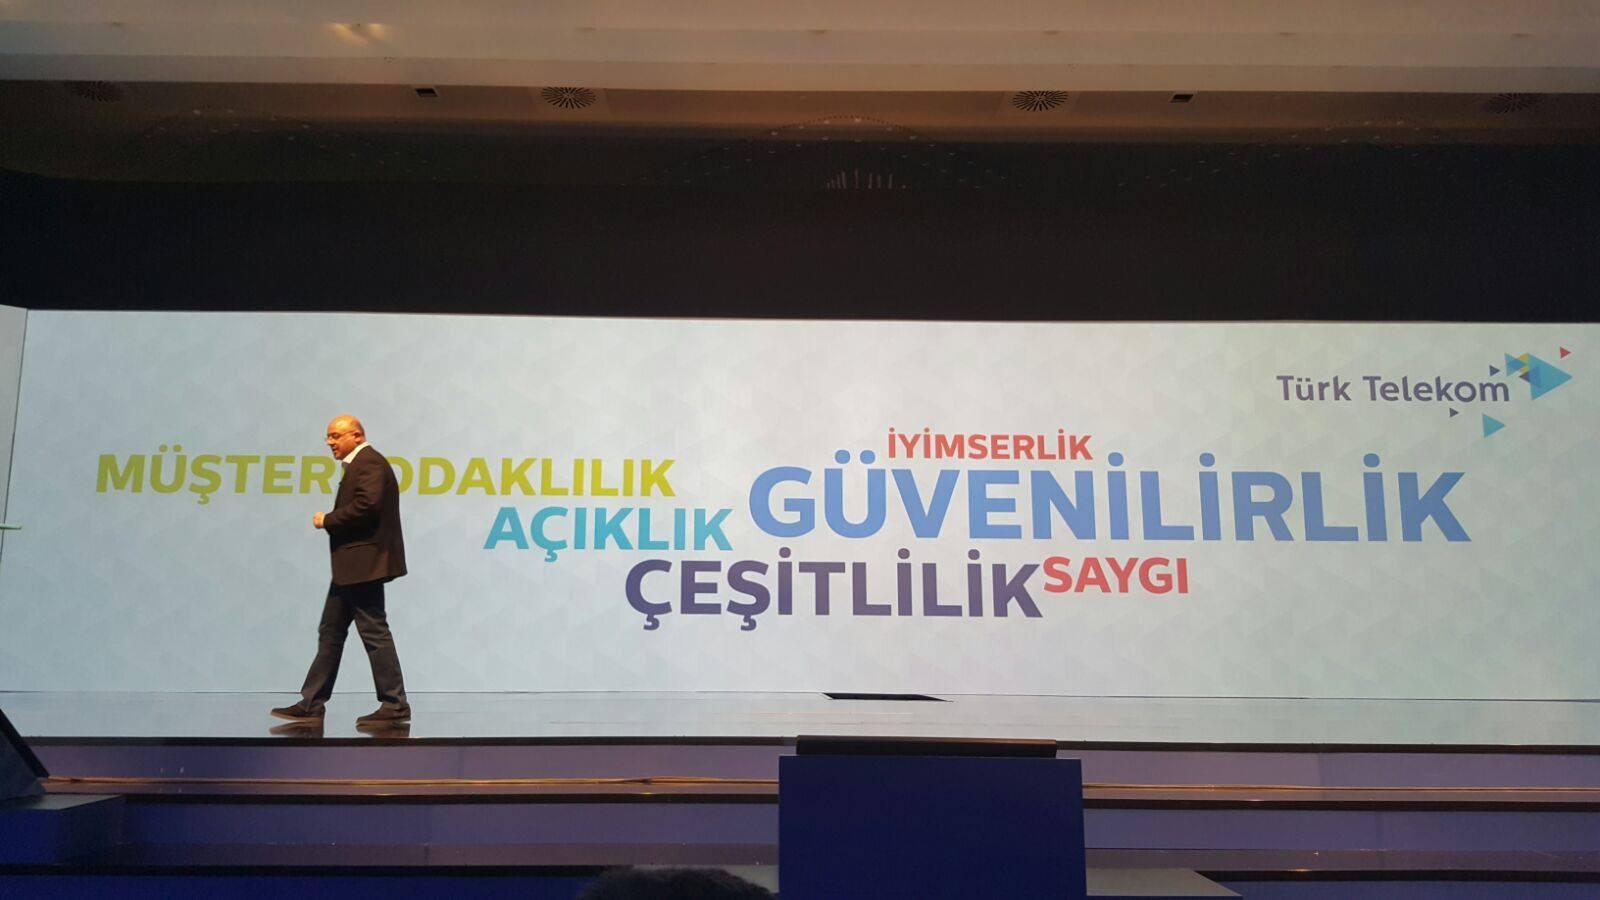 1453798527_turk-telekom11.jpg